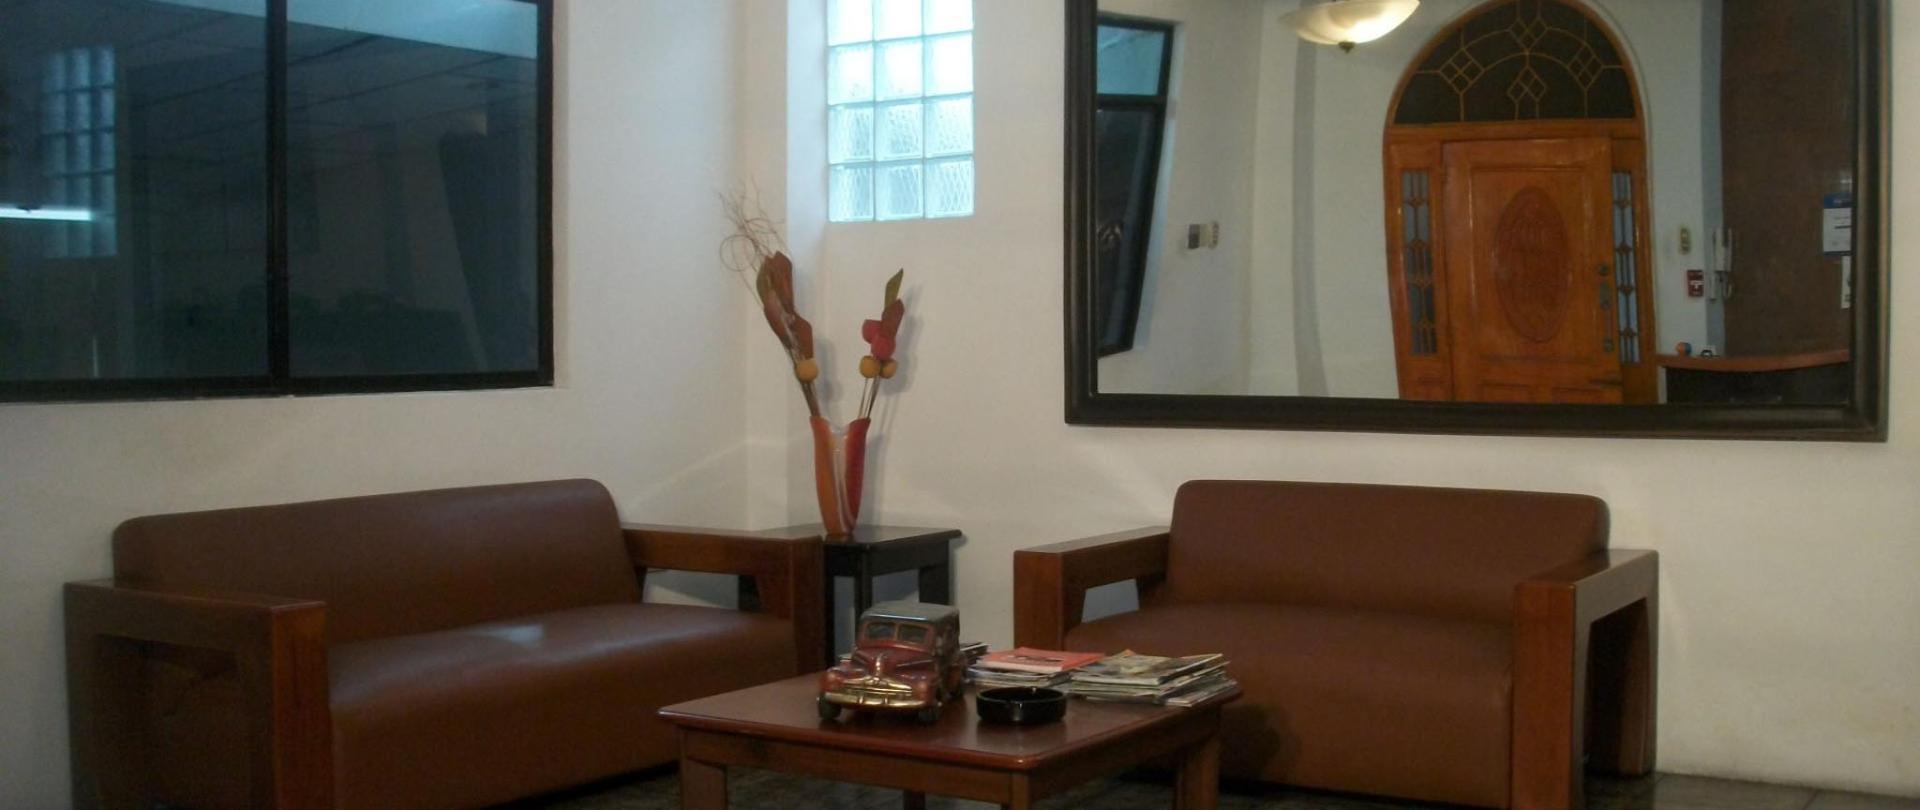 apart-suites-16.jpg